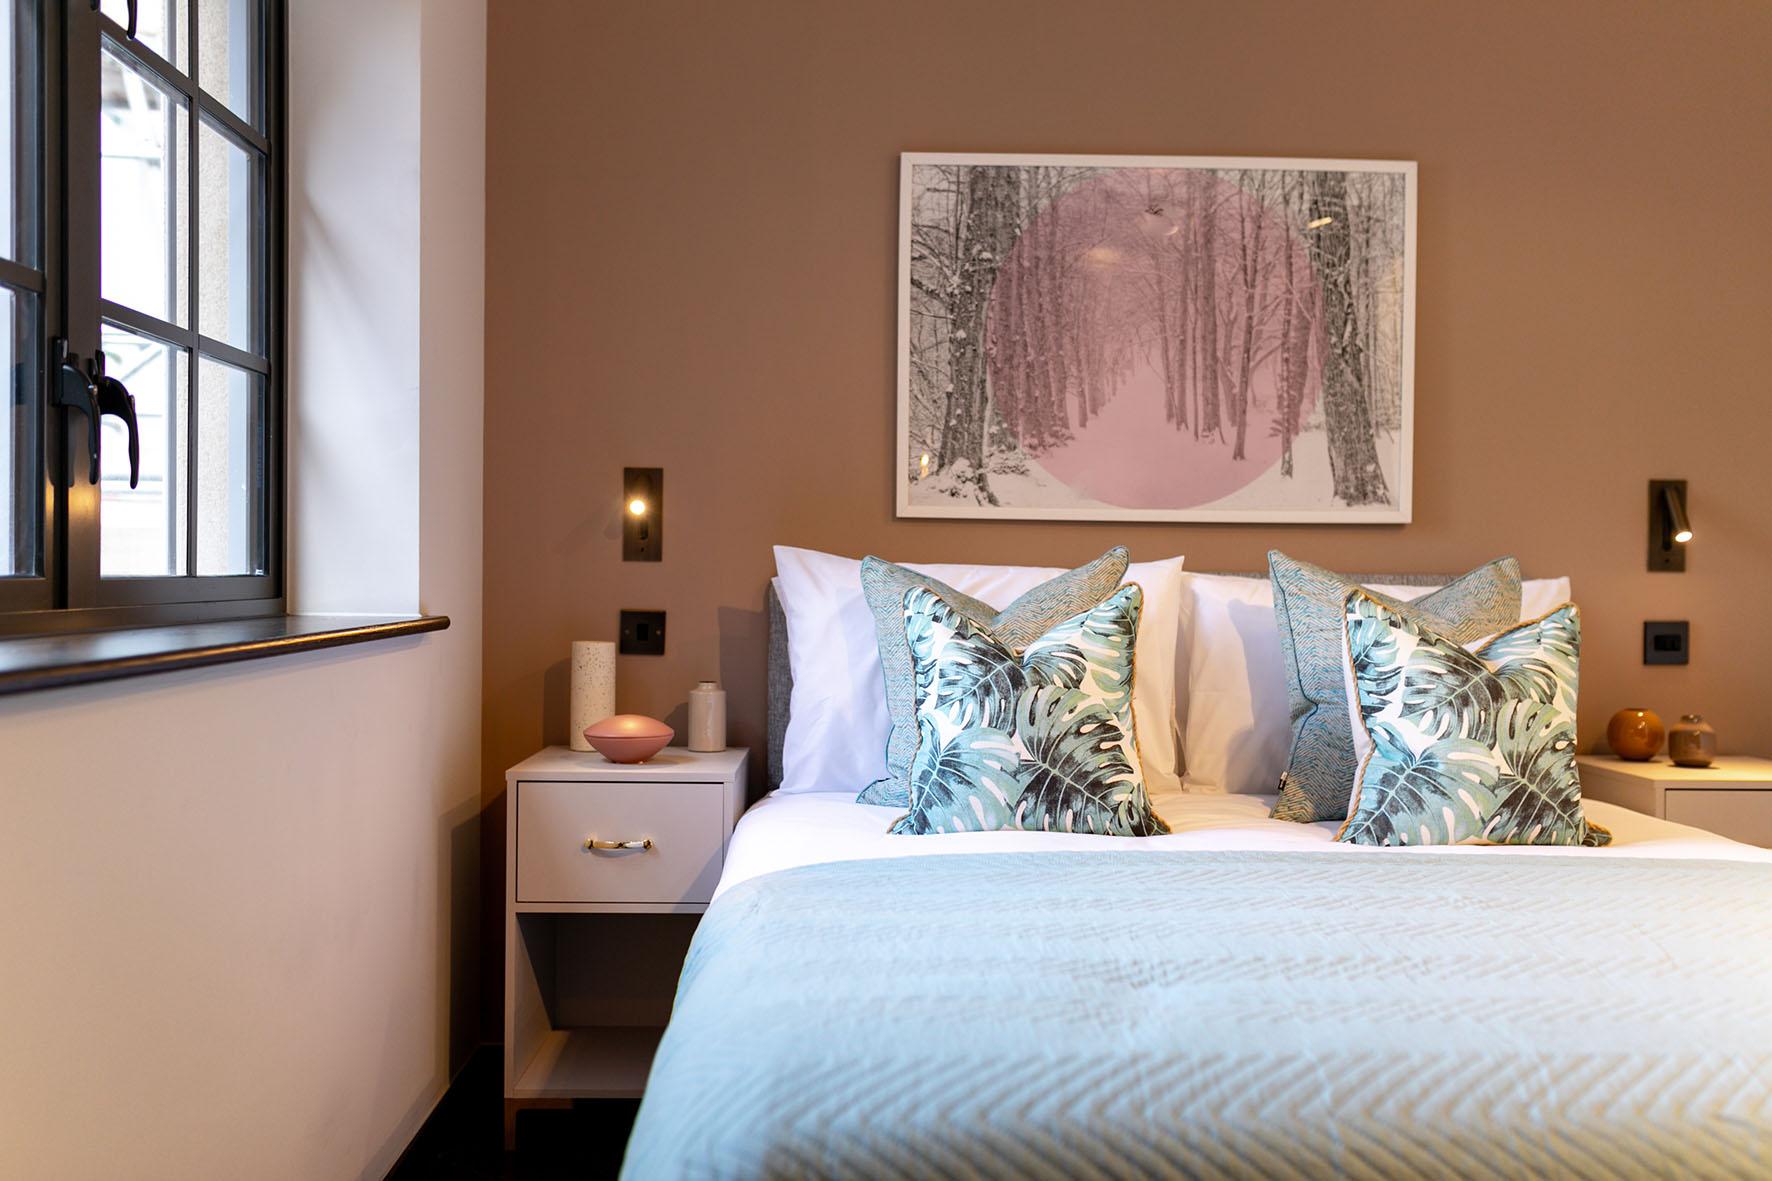 Lovelydays luxury service apartment rental - London - Soho - Oxford Street V - Lovelysuite - 1 bedrooms - 1 bathrooms - Queen bed - 7089dc29c96b - Lovelydays